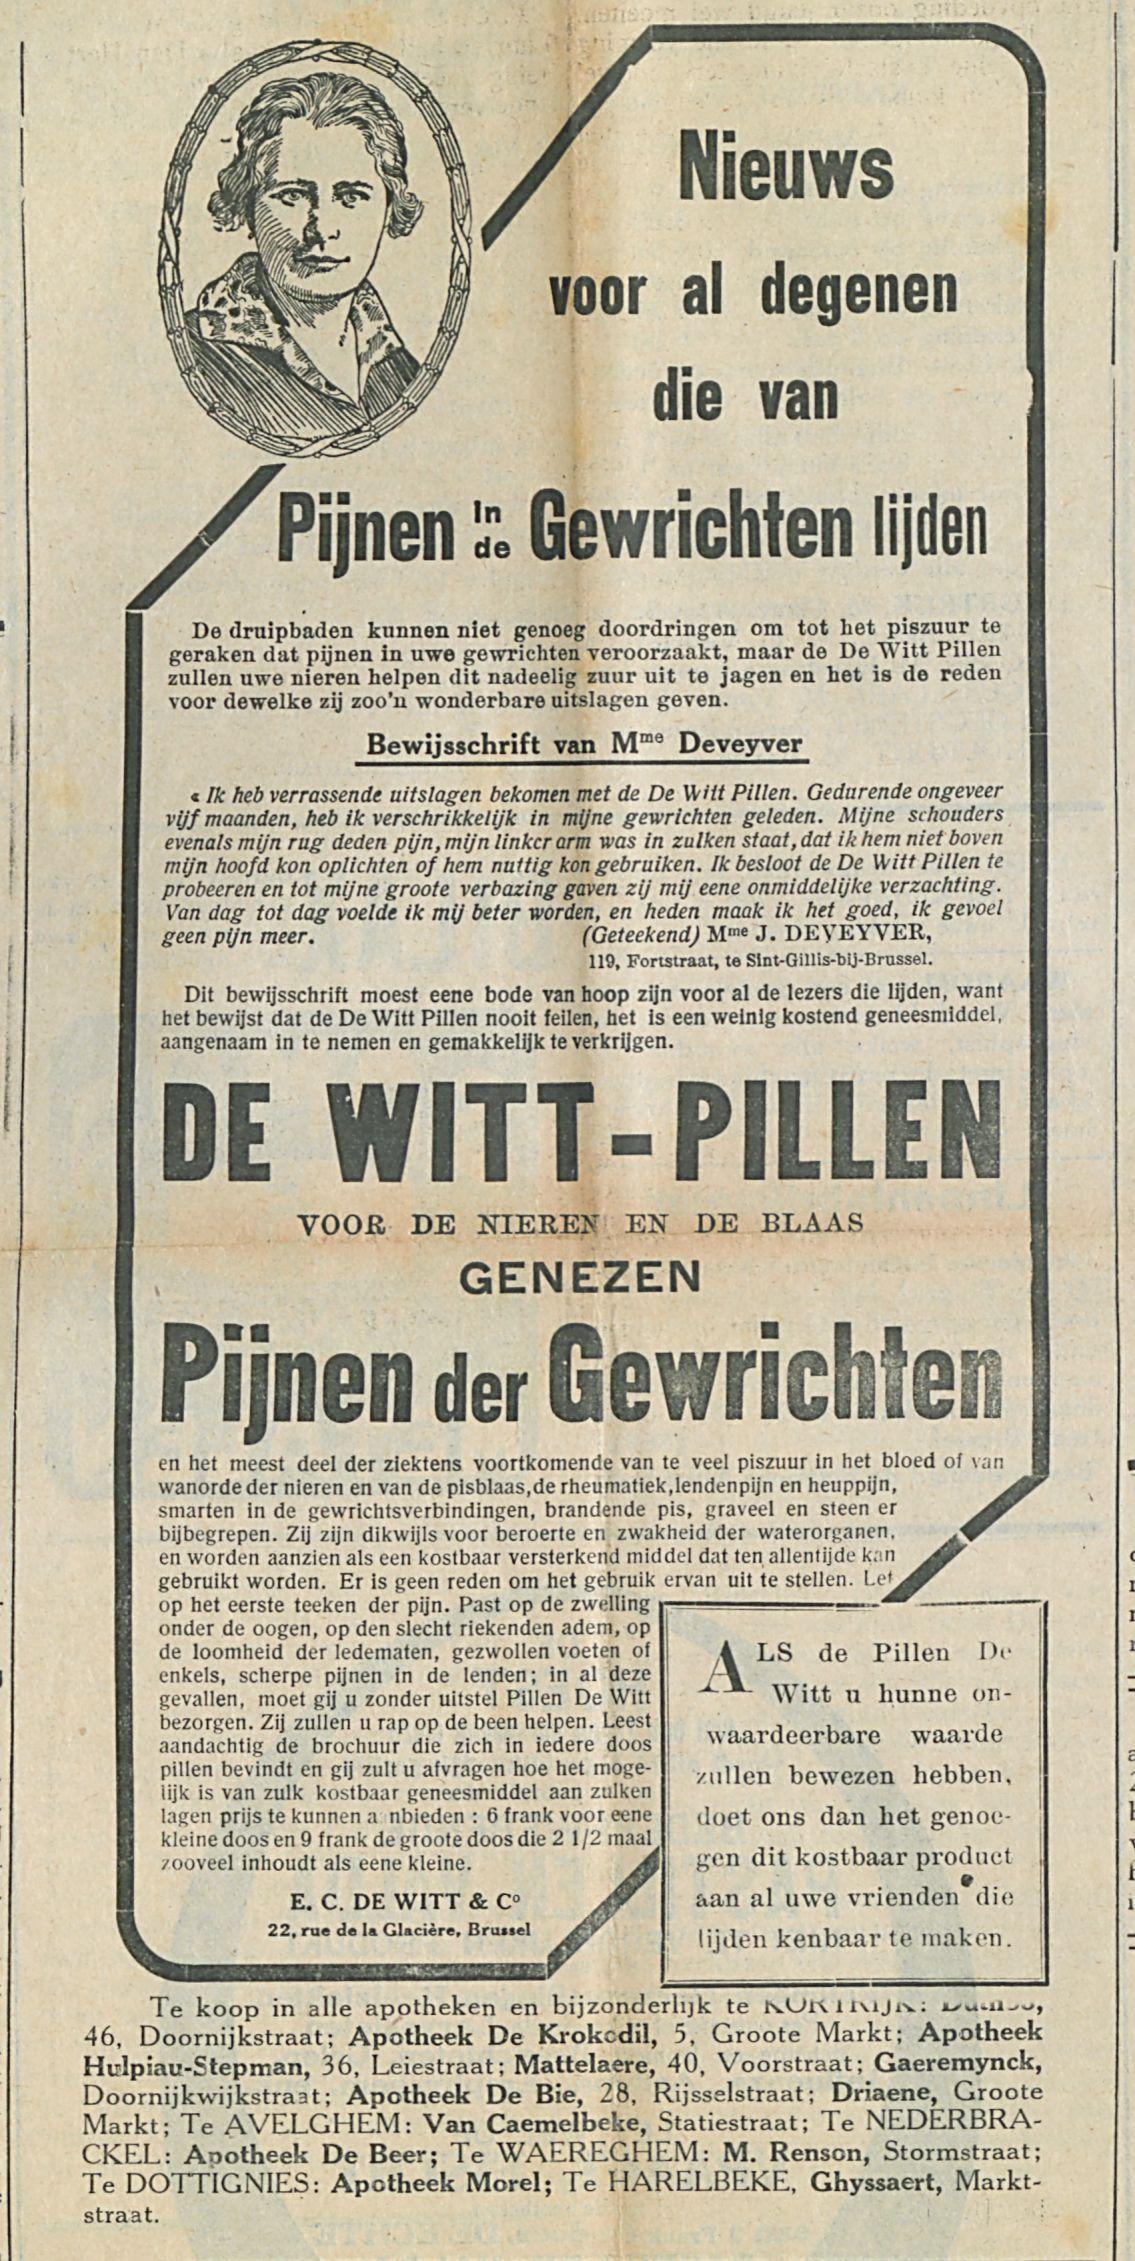 DE WITT PILLEN